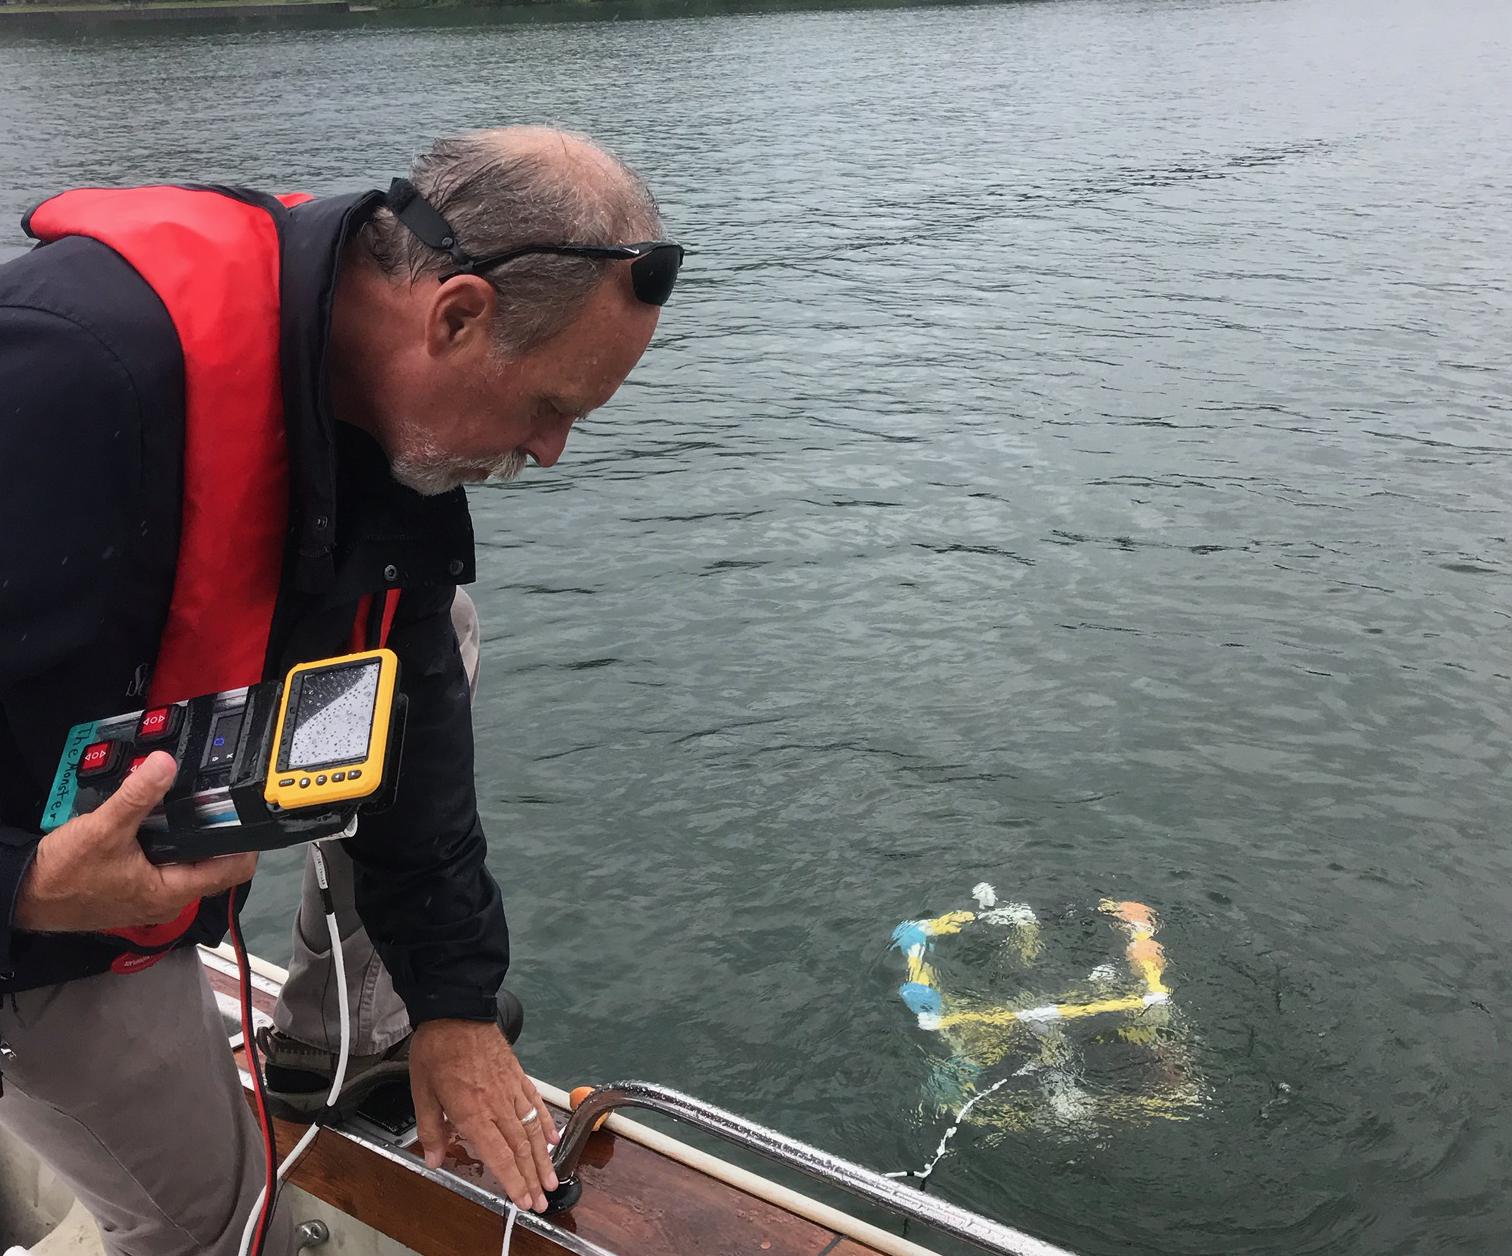 Boughton using underwater robot during aquatic habitat survey